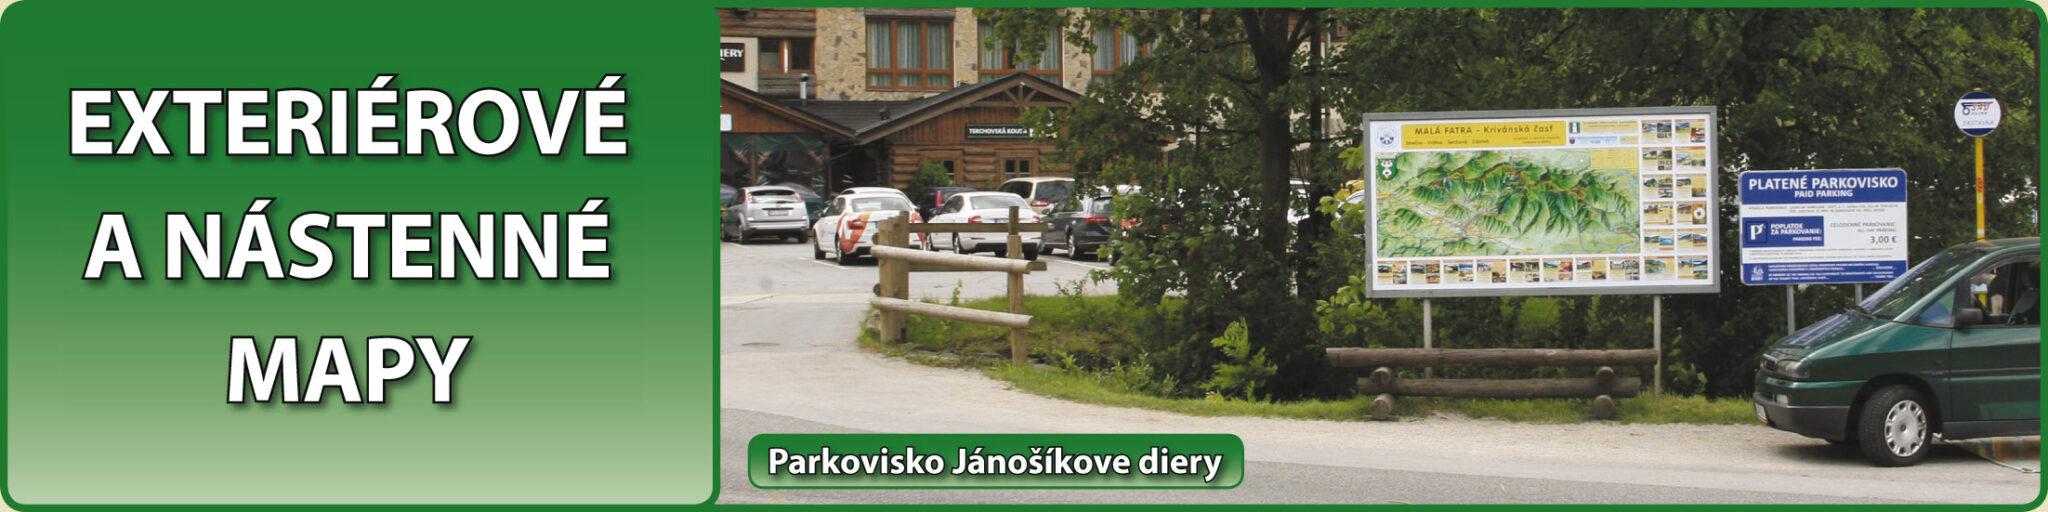 web_FOREKO_2021_hlavny baner_01.indd